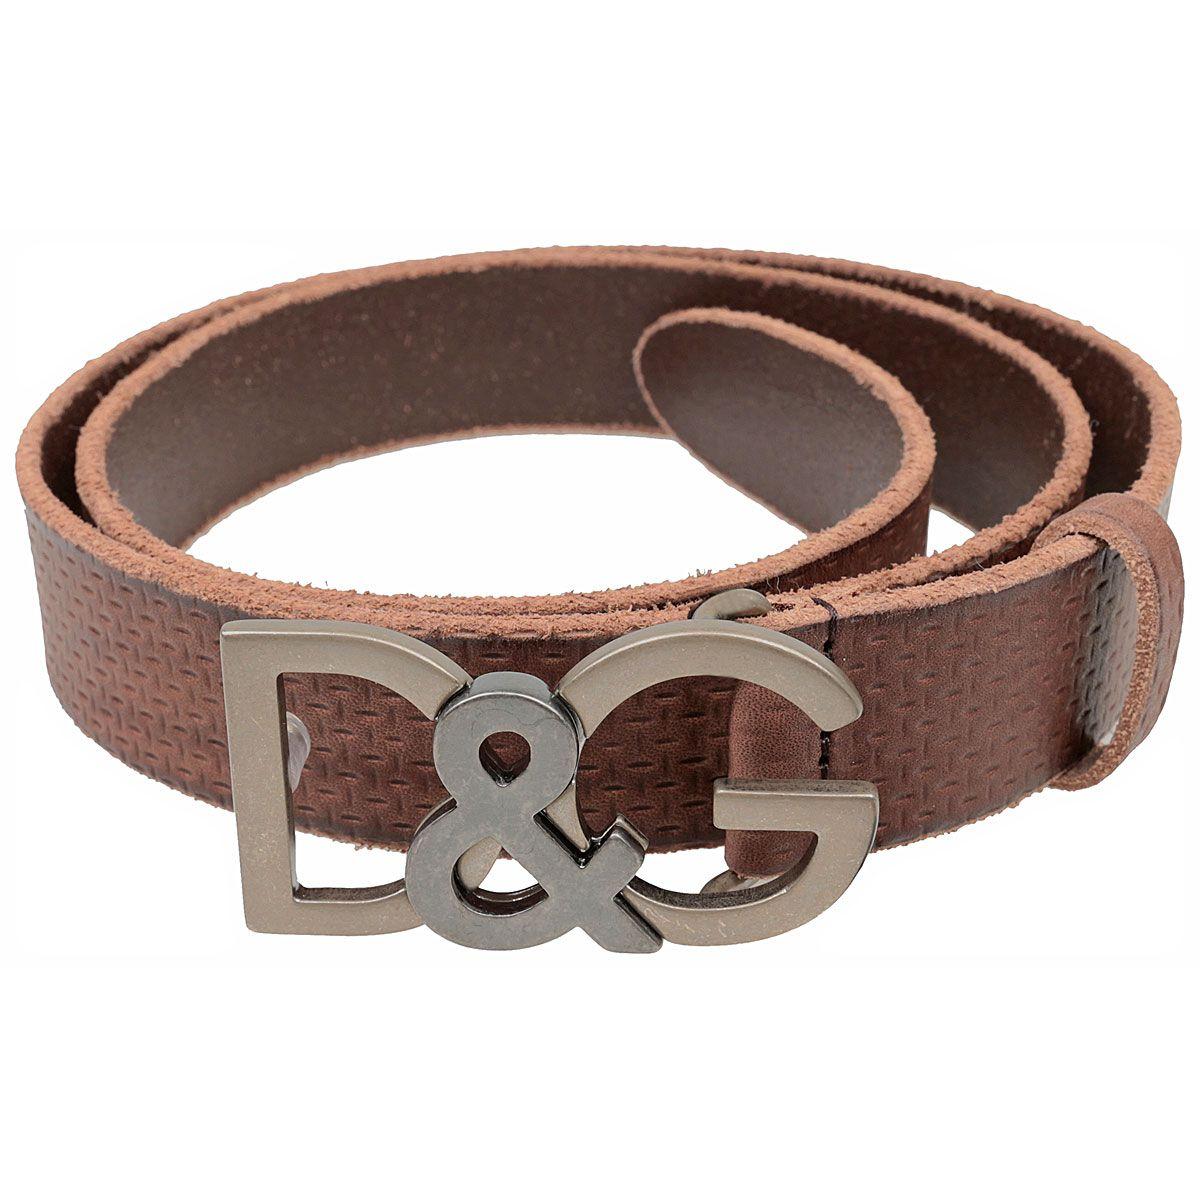 8d27f656c Cinturones para Hombres Dolce & Gabbana, Detalle Modelo: bc3735-a1464-80048